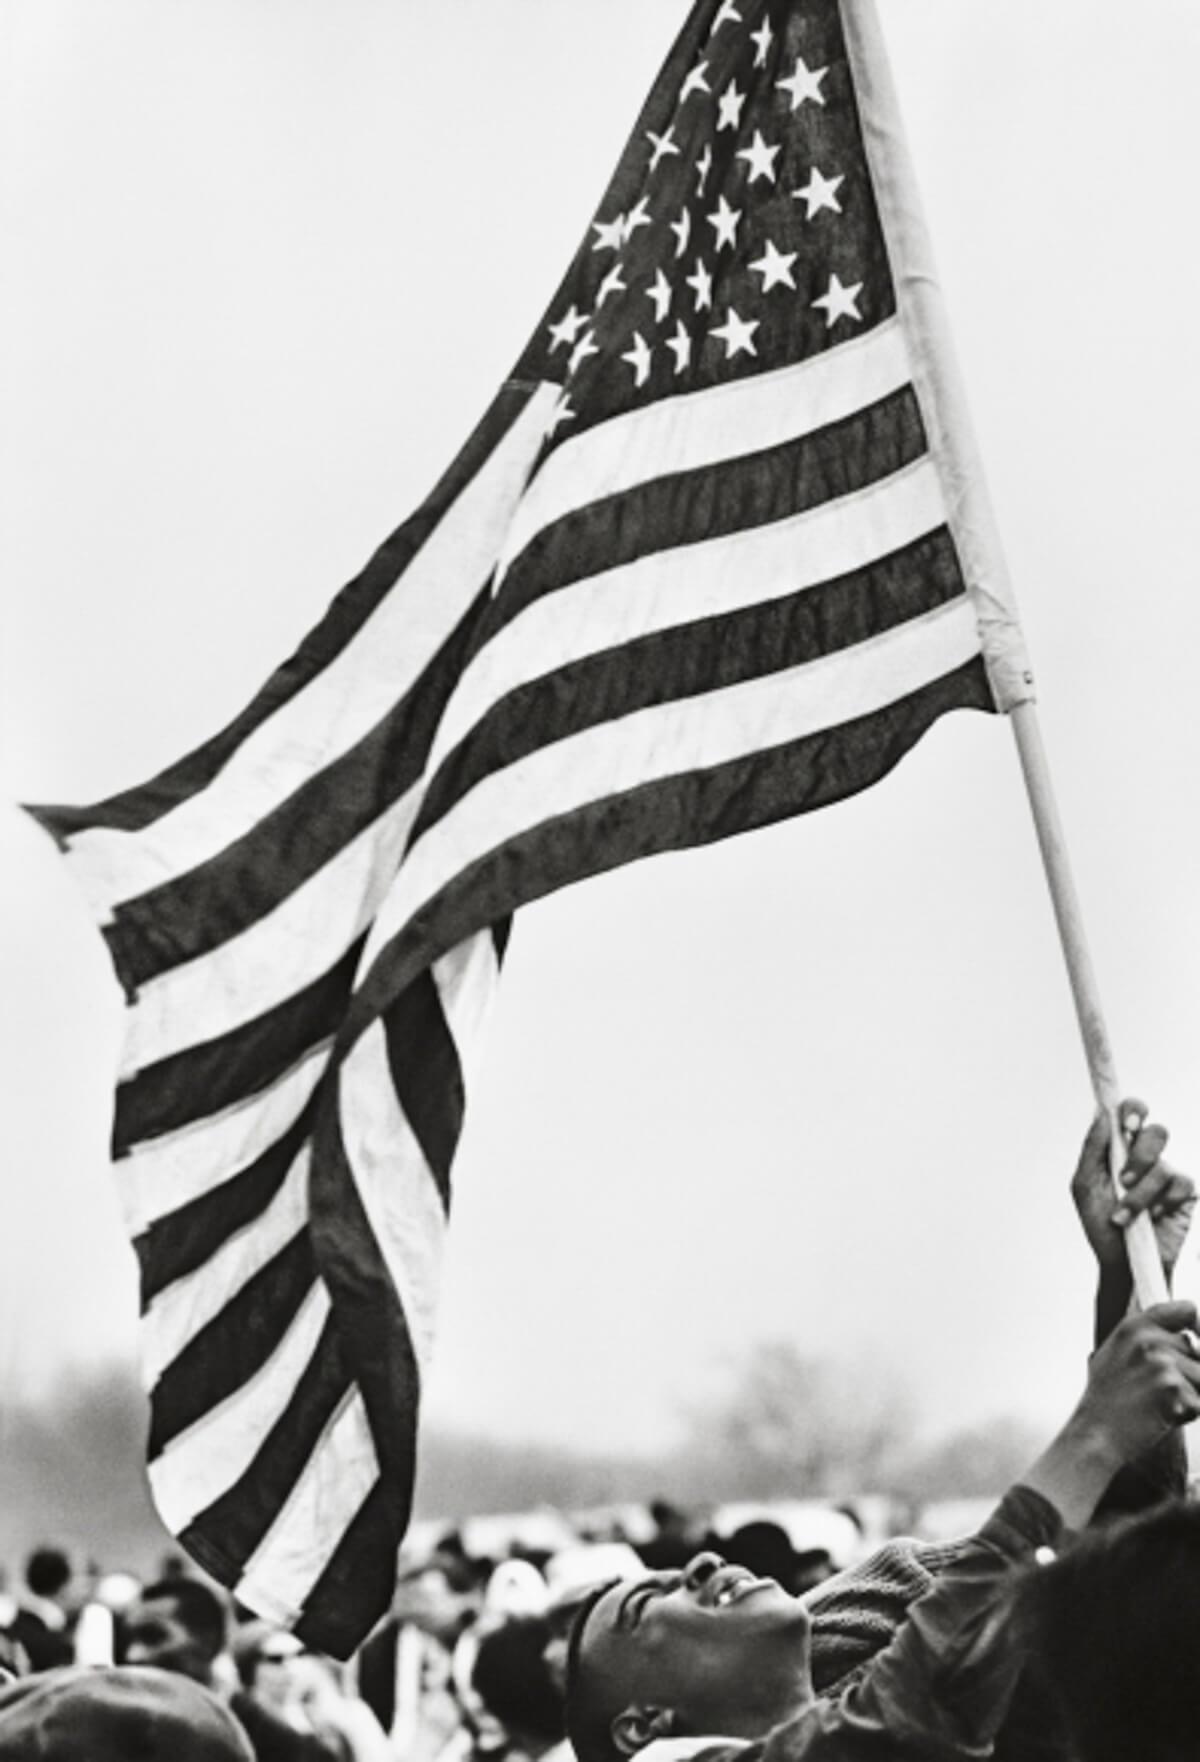 Selma March, Flag, 1965